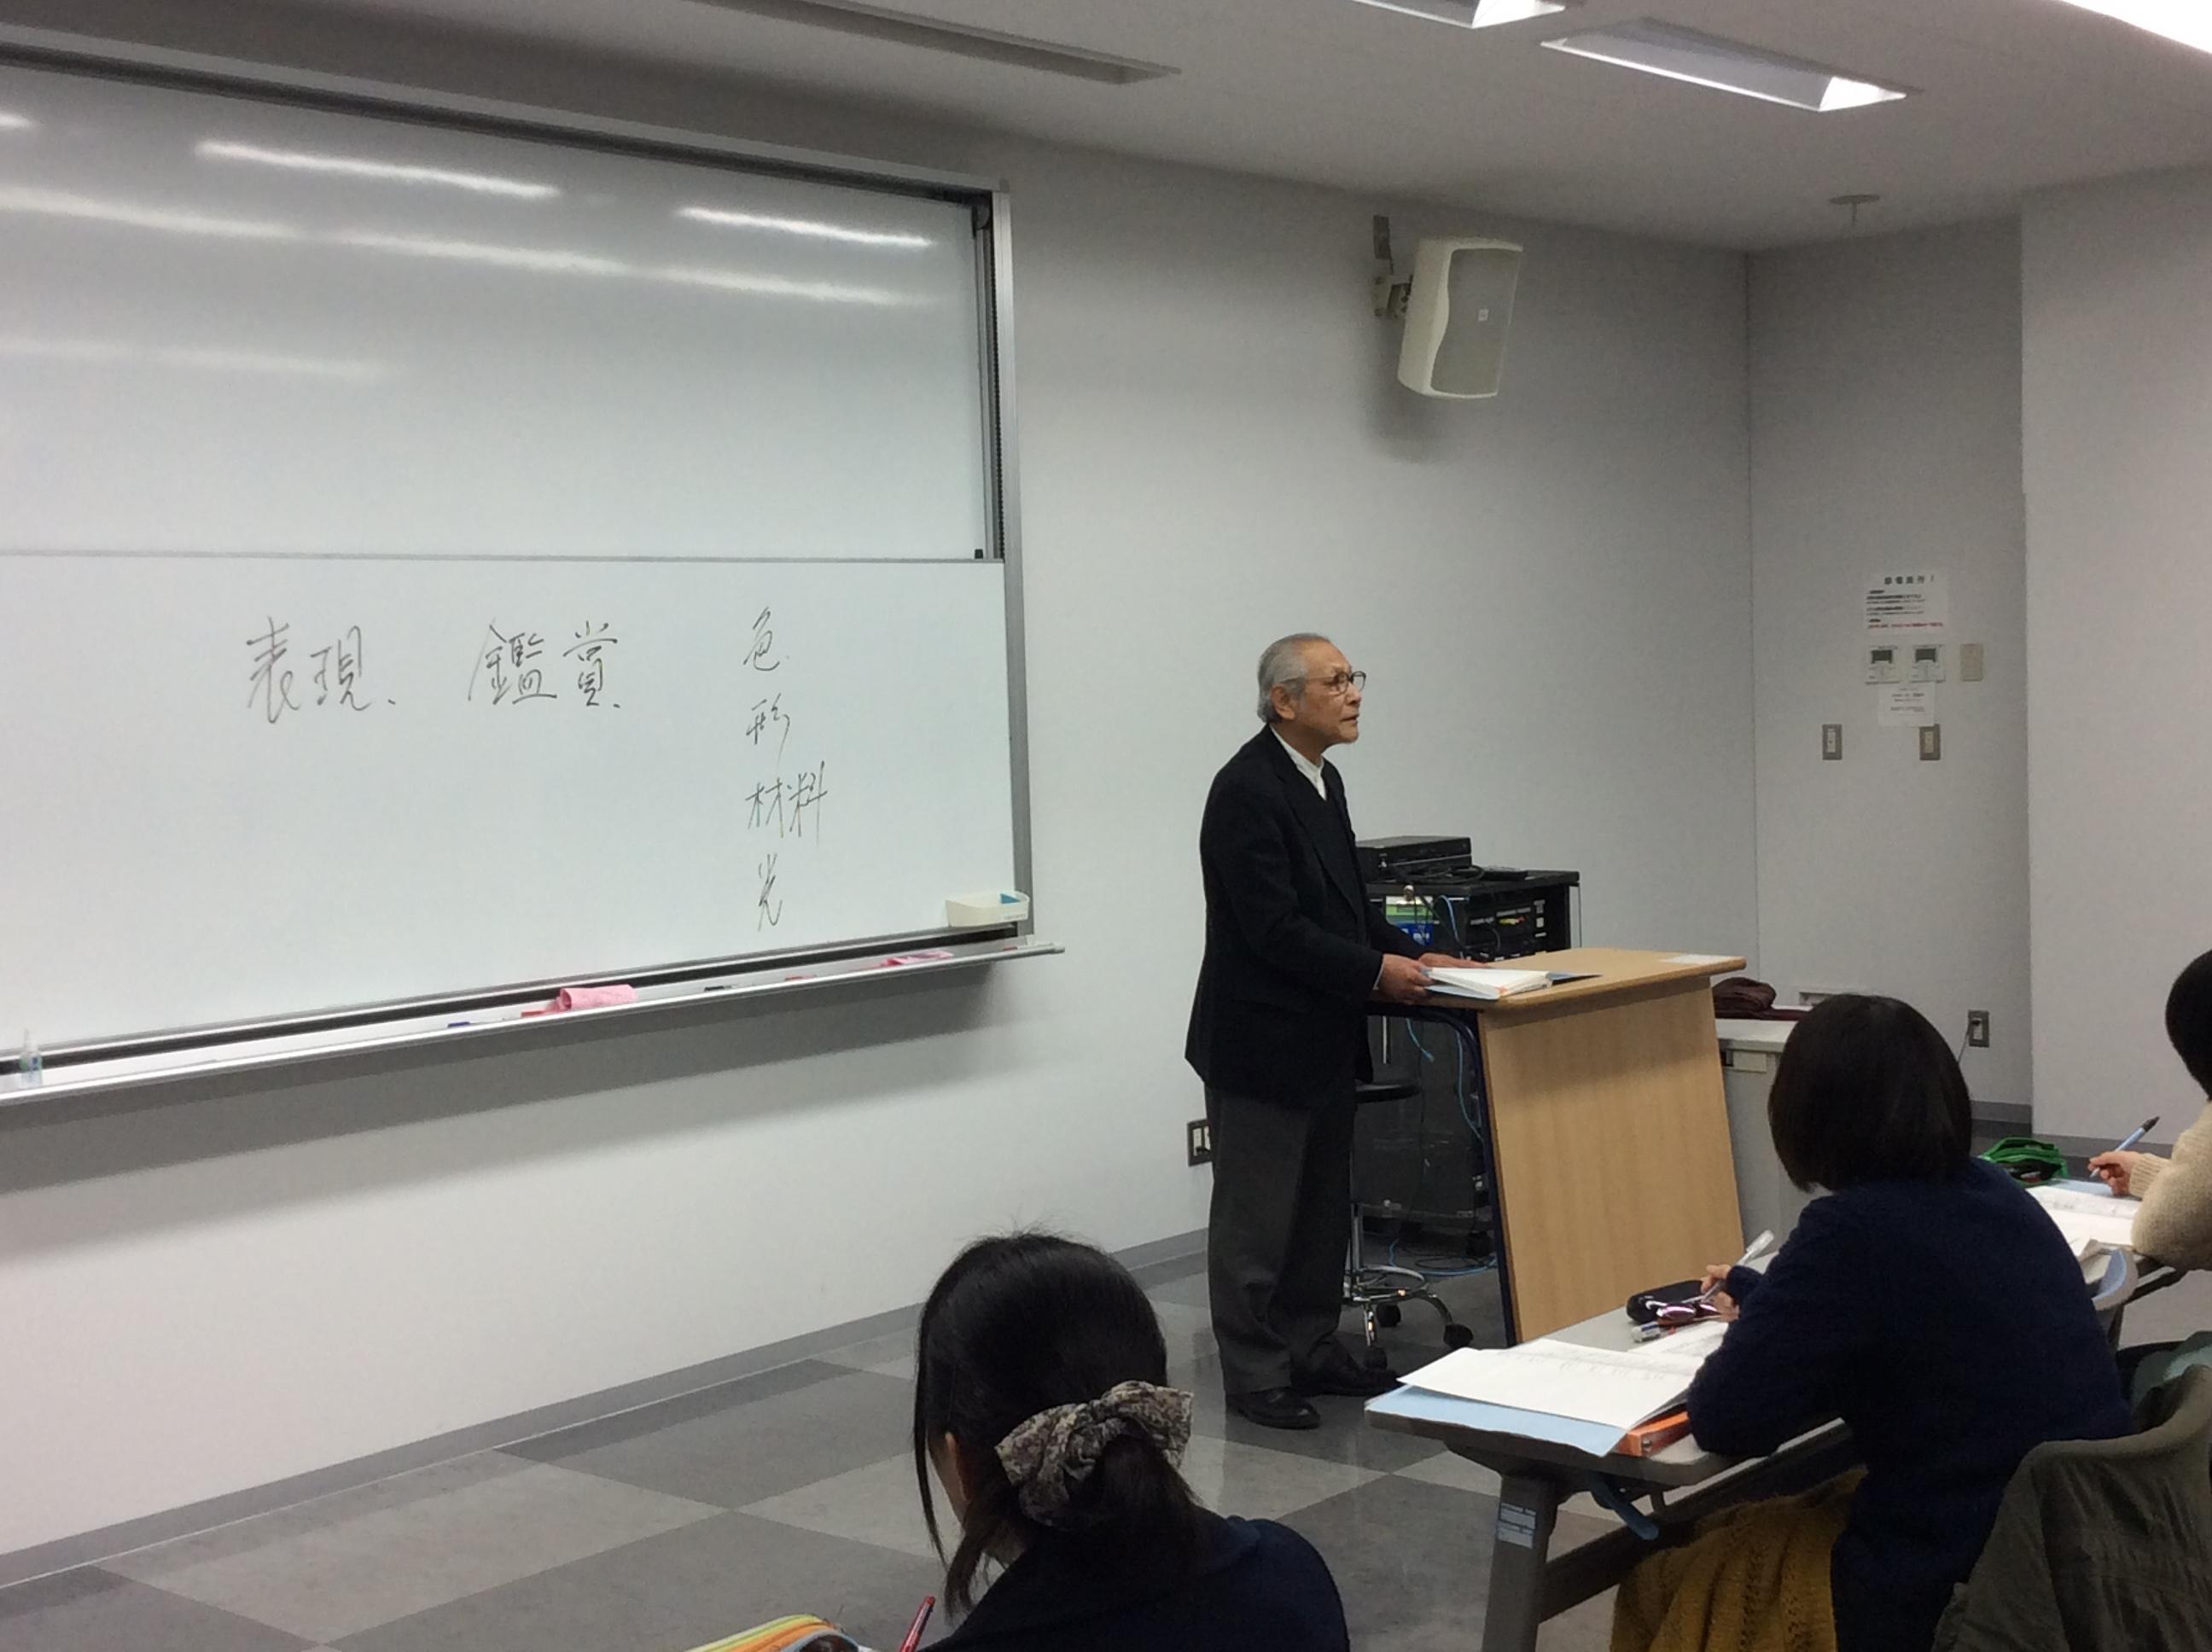 学生に発問する長谷川教授